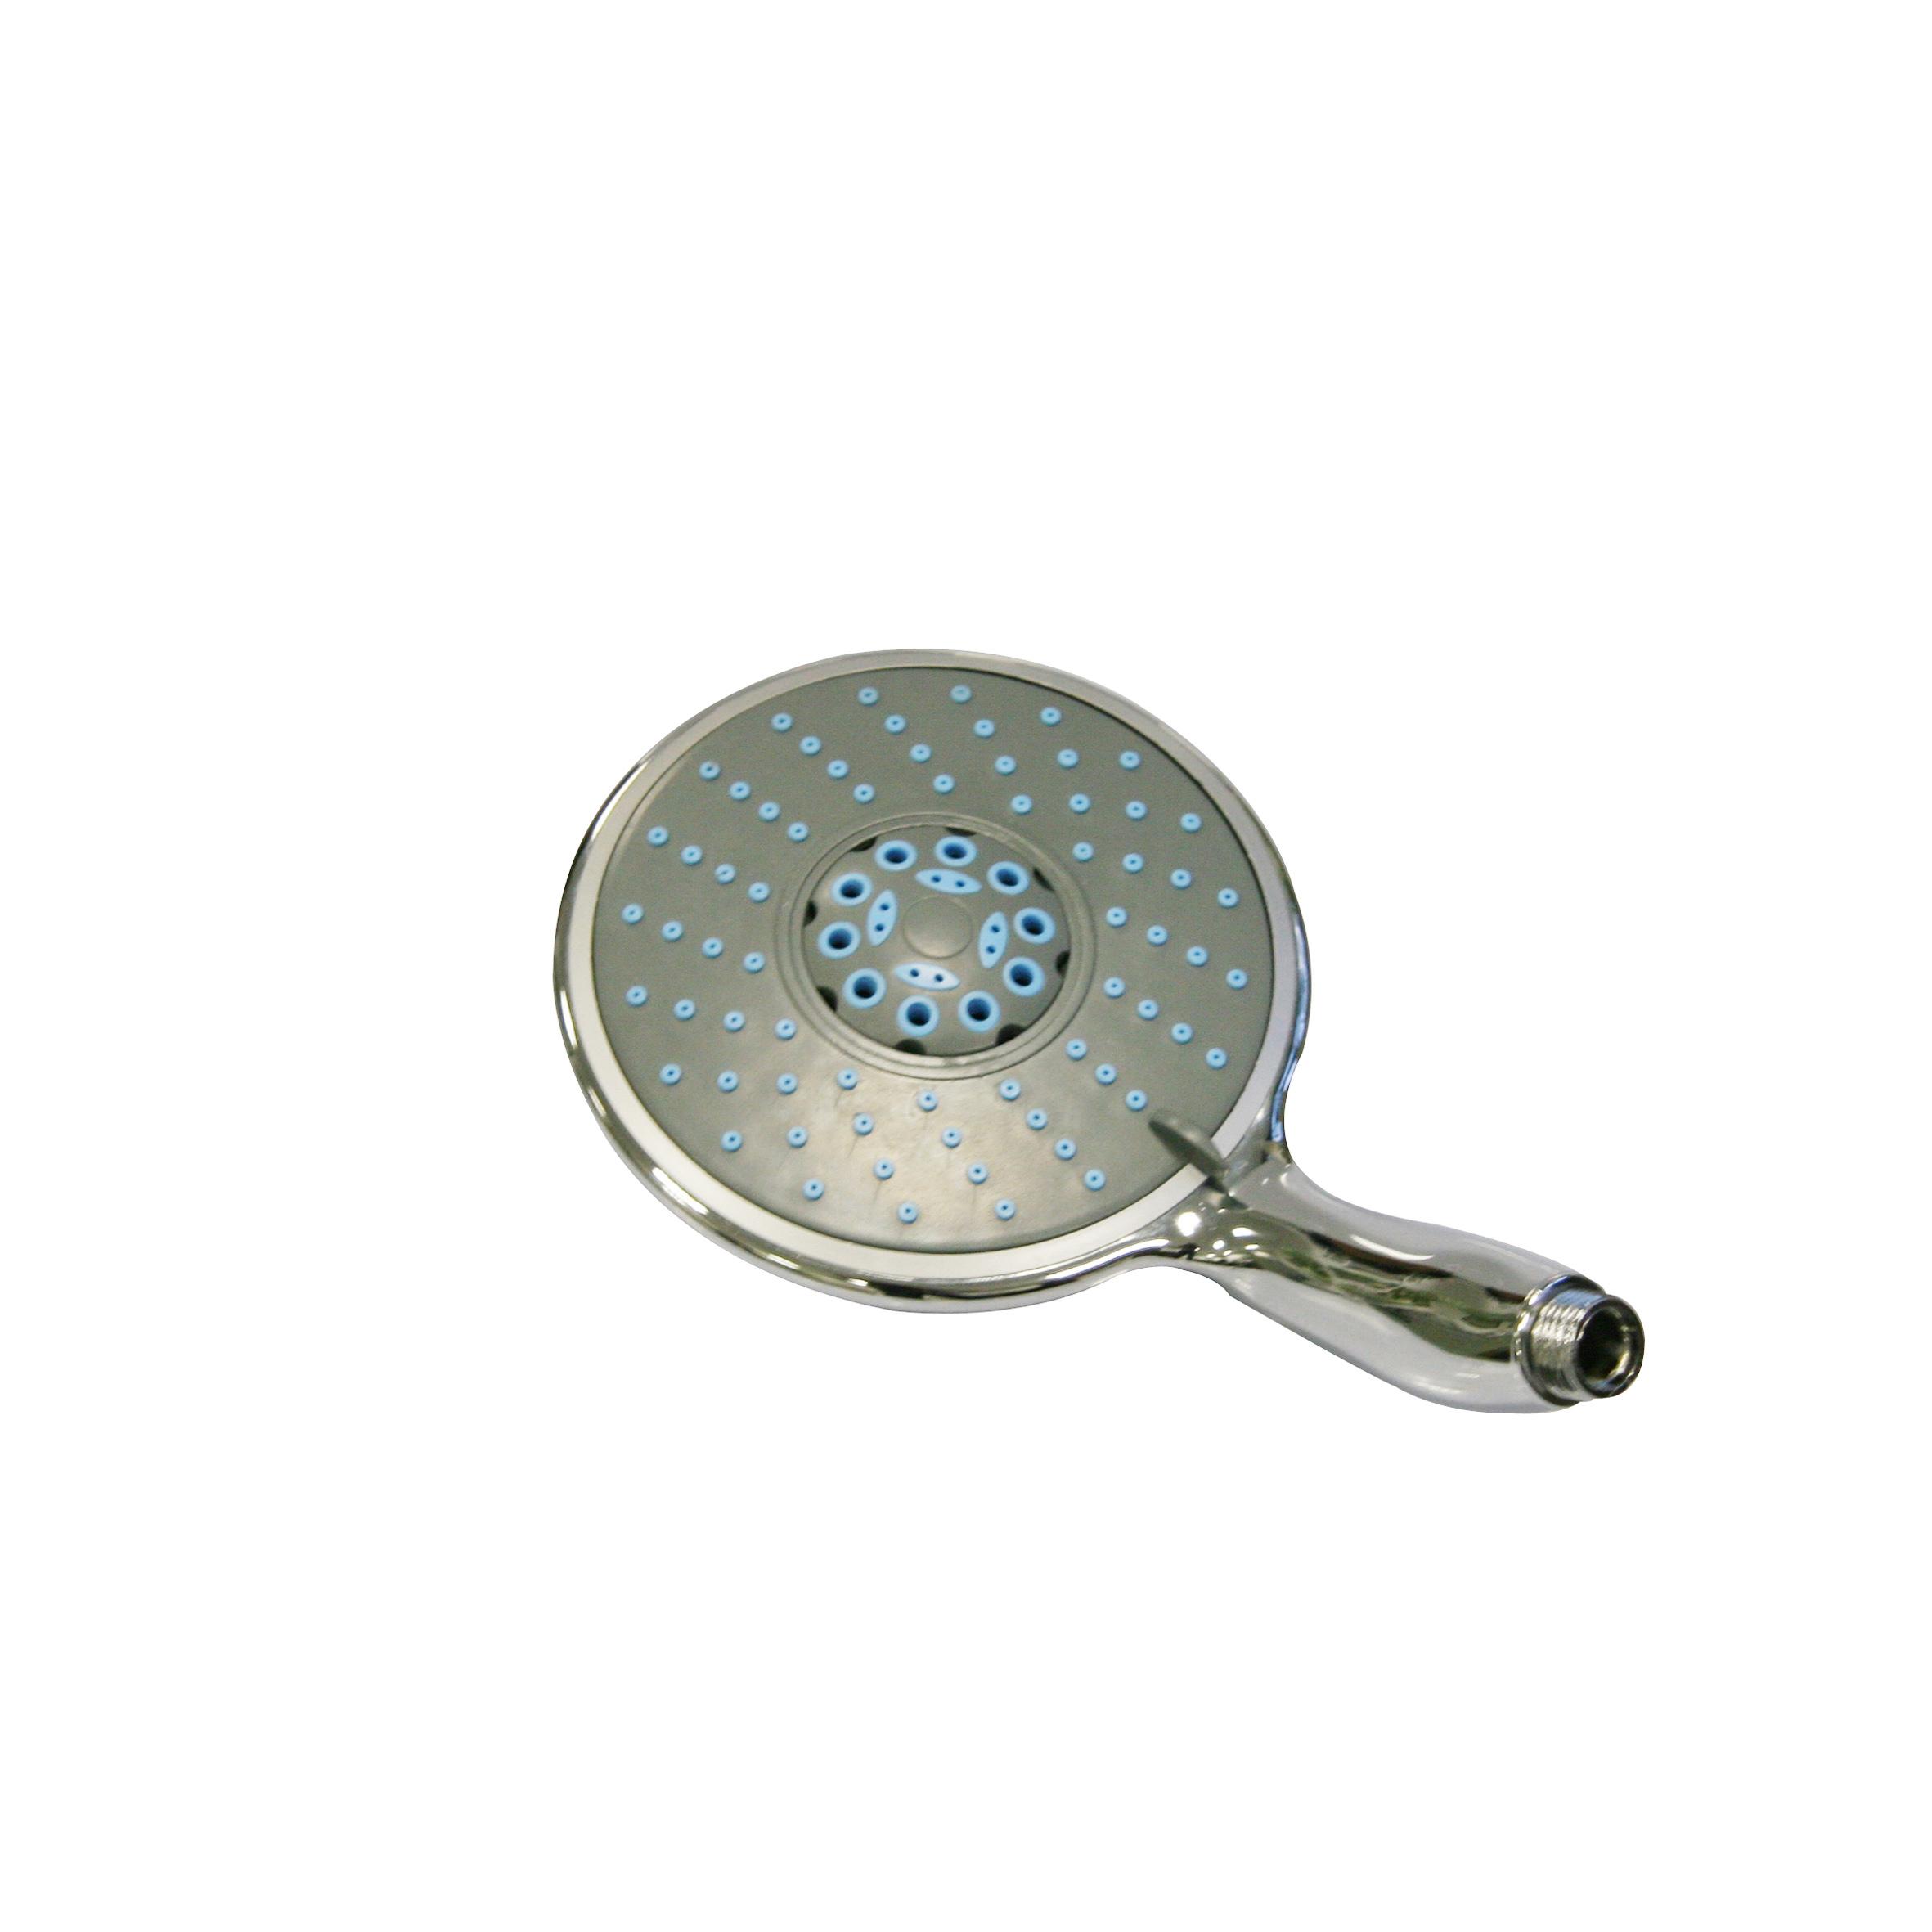 Лейка для душа Top Star Spa, 5 режимов175162Широкая душевая лейка Top Star Spa, изготовленная из прочного пластика и нержавеющей стали, воплощает в себе стильную простоту и комфорт в использовании. Лейка имеет 5 режимов переключения, что позволяет принимать душ, омывая всетело, и эффективно промывать волосы от шампуня. Изделие прекрасно подойдет для интерьера любой ванной комнаты.Душевая лейка Top Star Spa удобна и практична в работе.Диаметр лейки: 15 см.